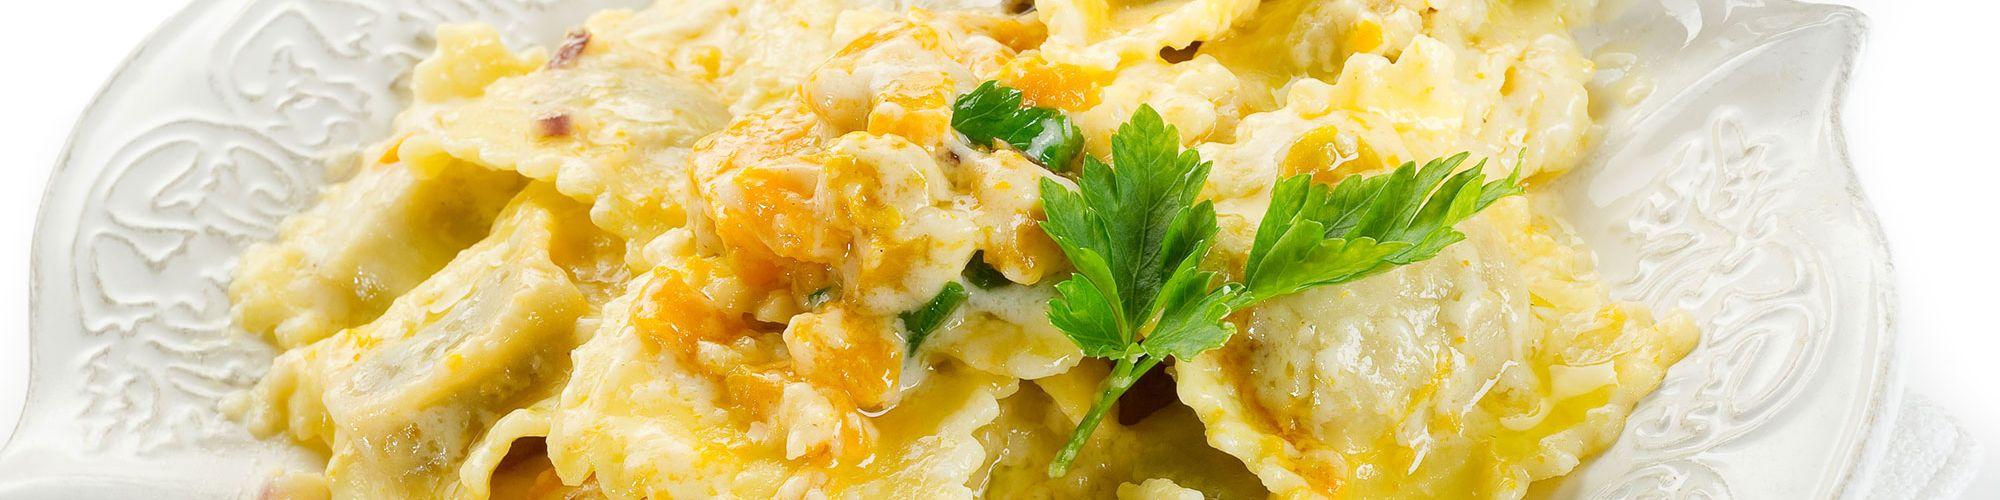 ricetta Tortelli di zucca e amaretti con pasta fresca